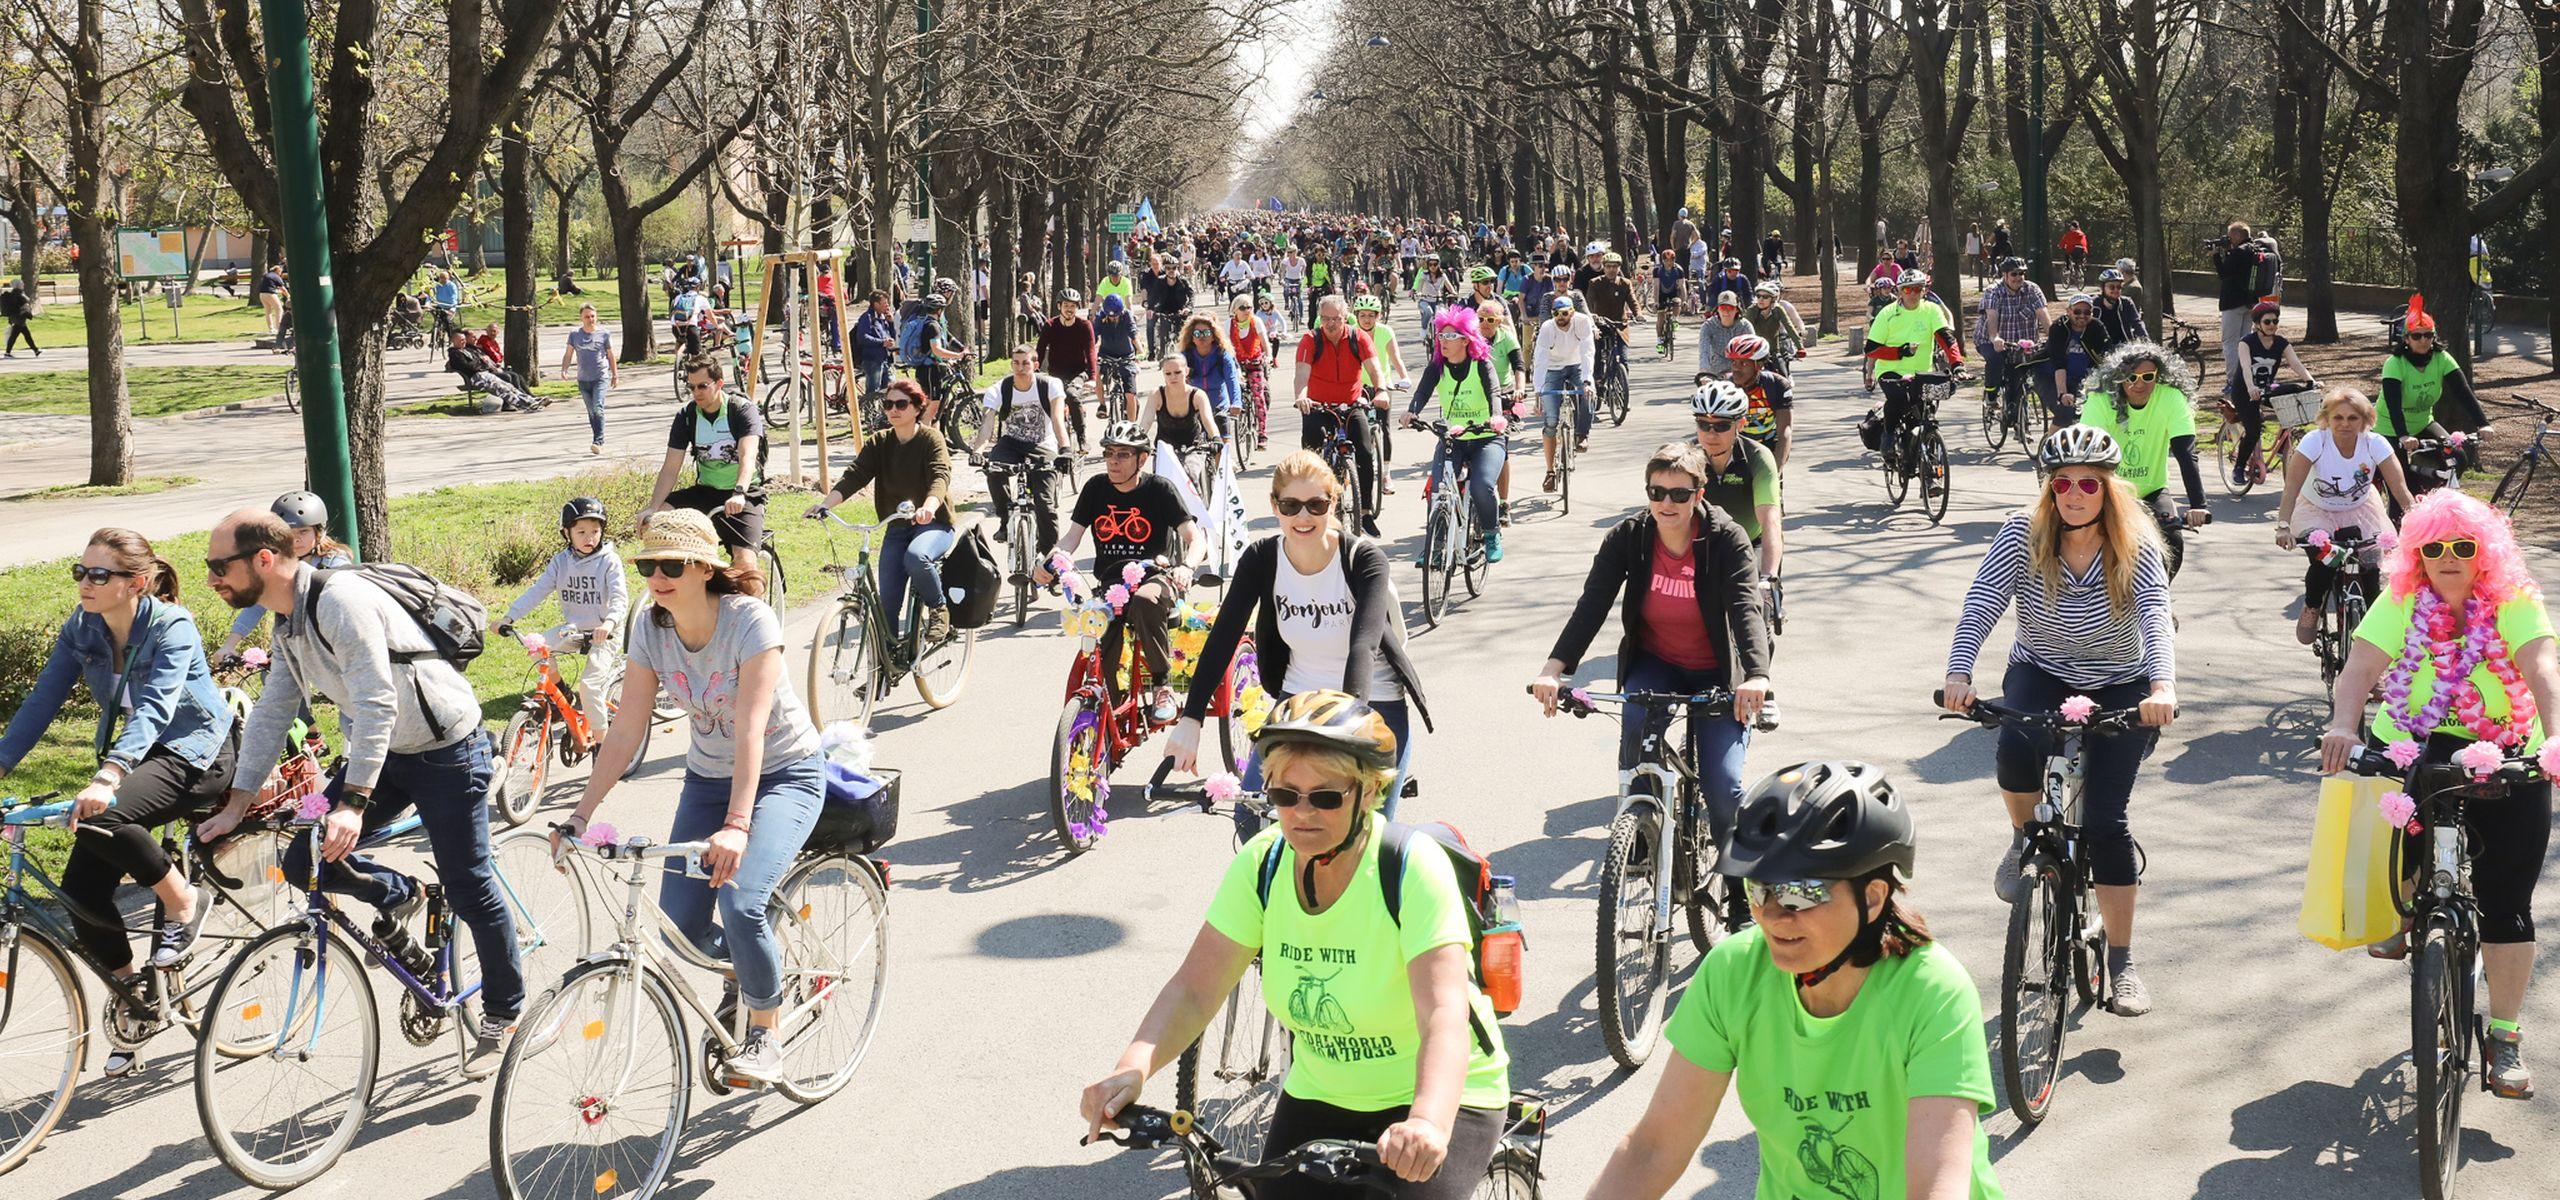 Tausende Radfahrerinnen und Radfahrer bei der Radparade, der großen Radausfahrt im Frühling durch Wien.